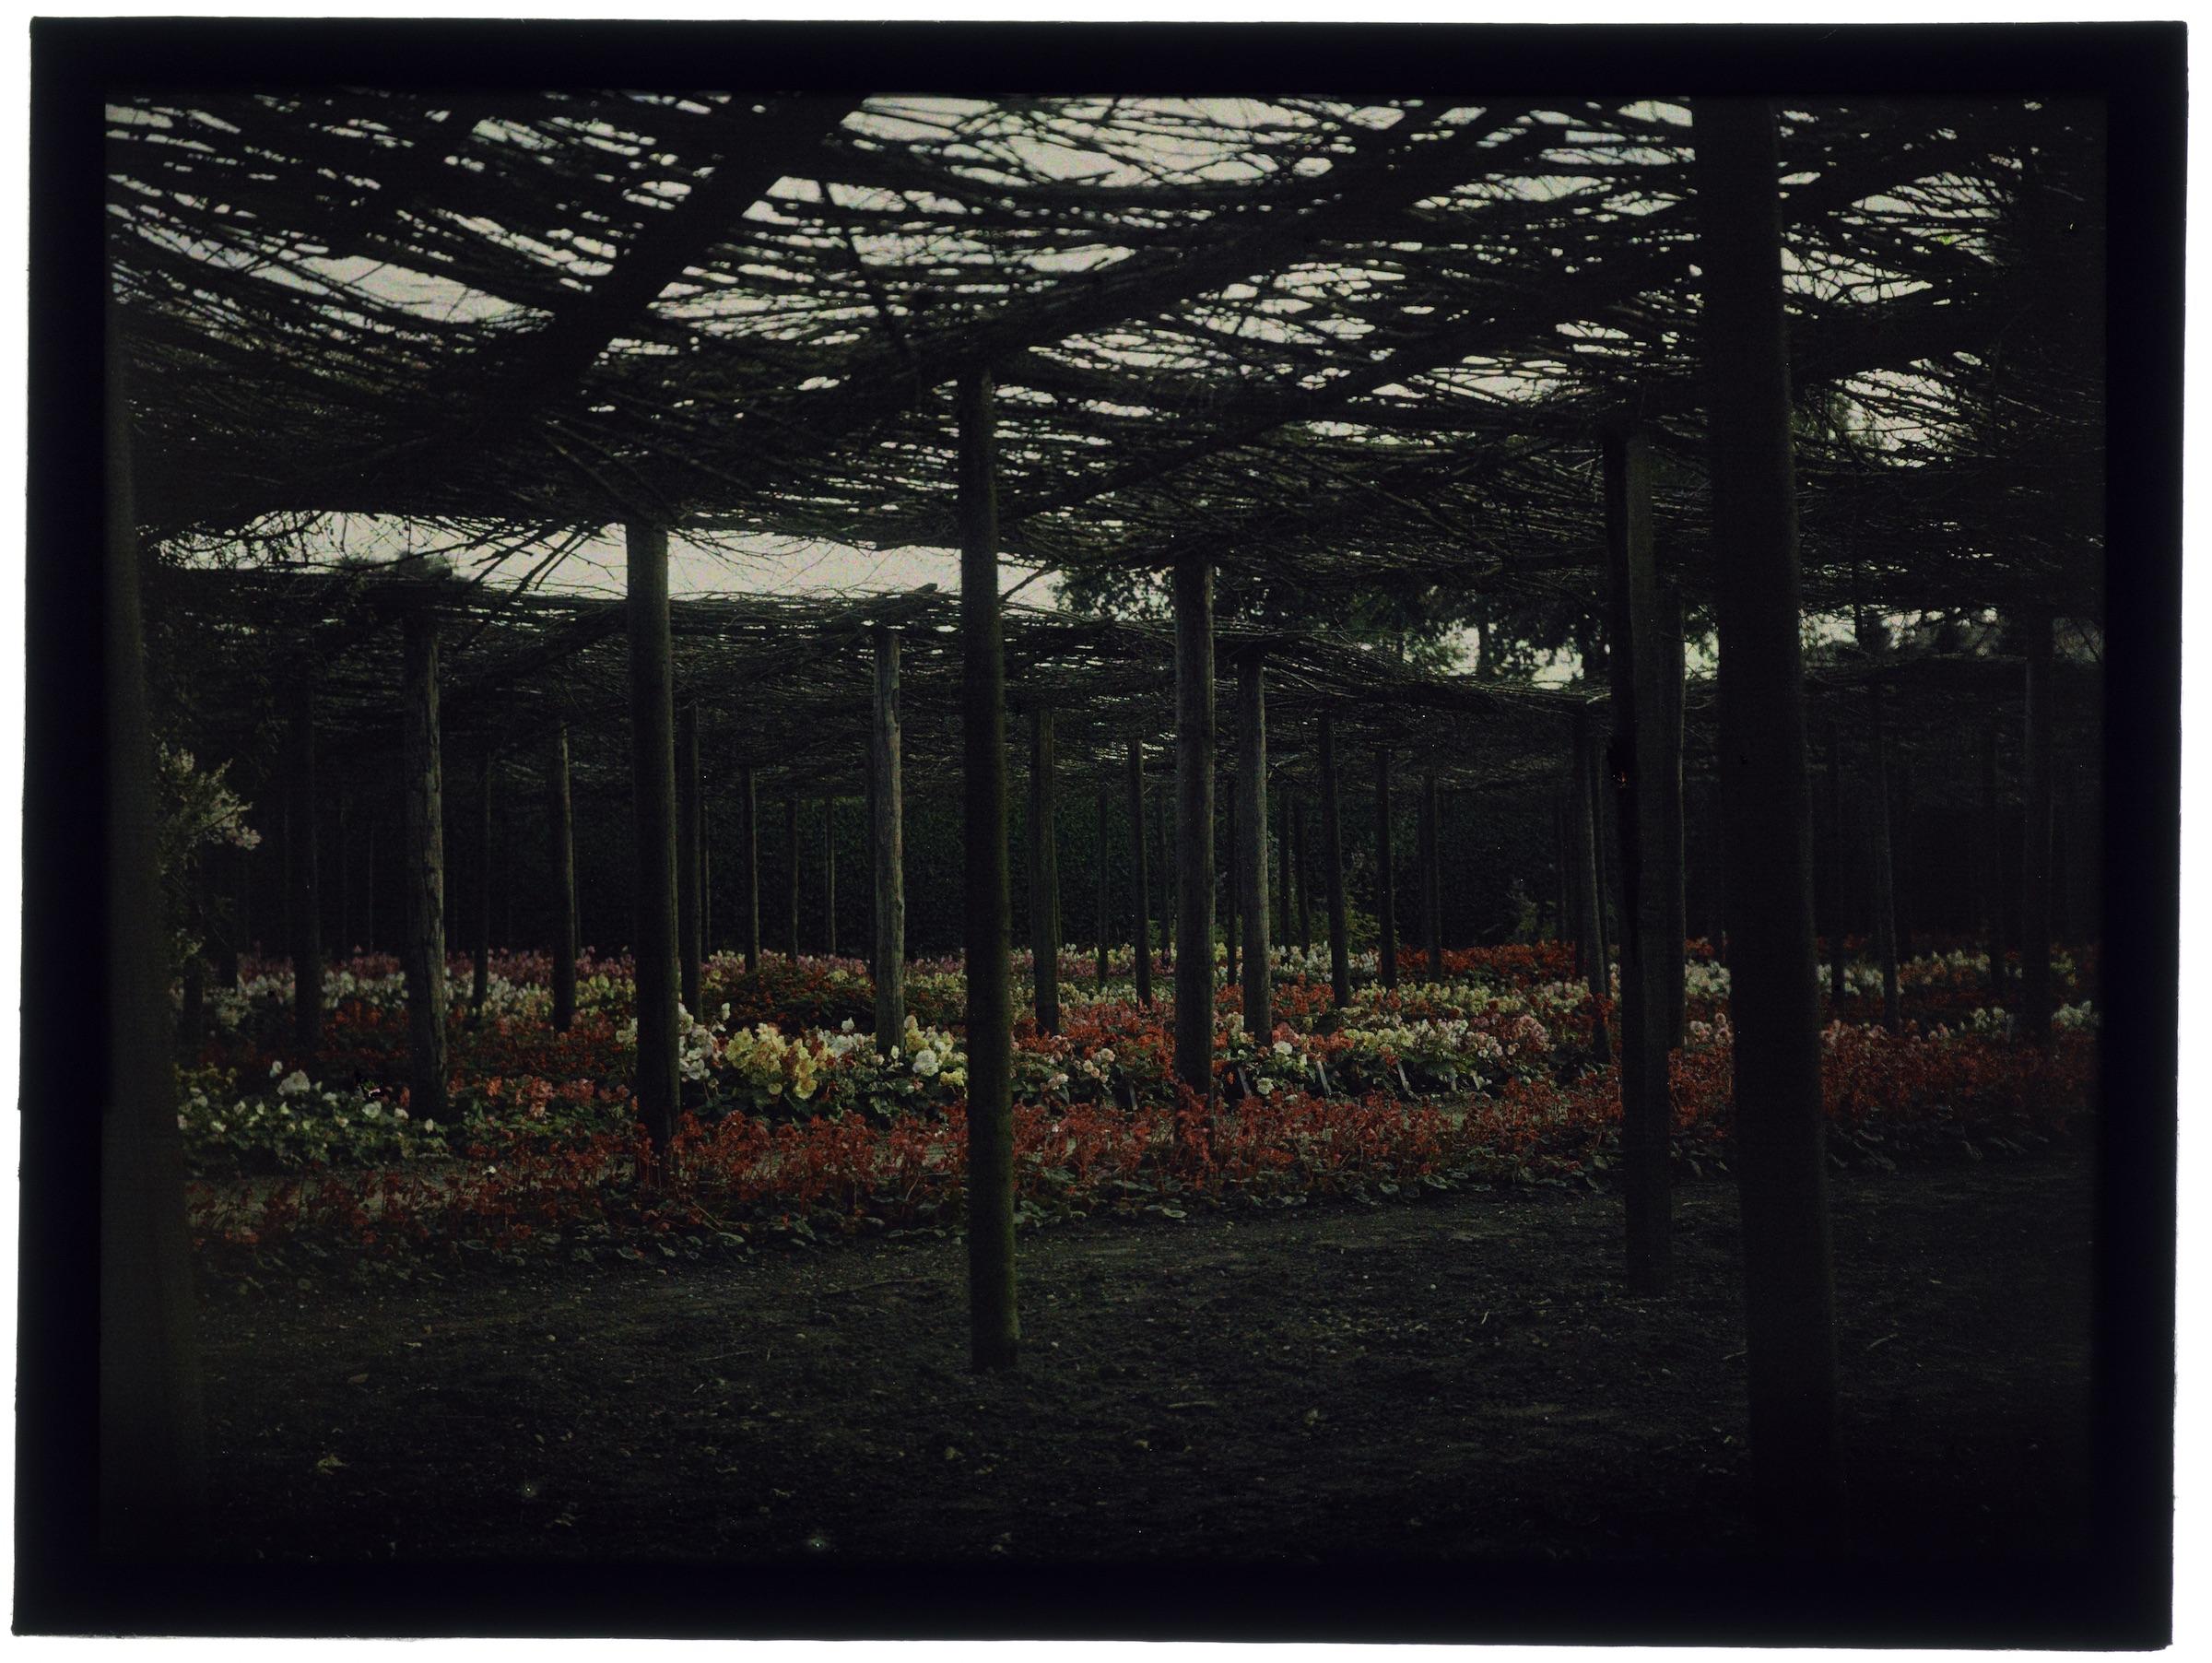 Fleurs dans la serre arrondie, sous les branchages ou dans le jardin